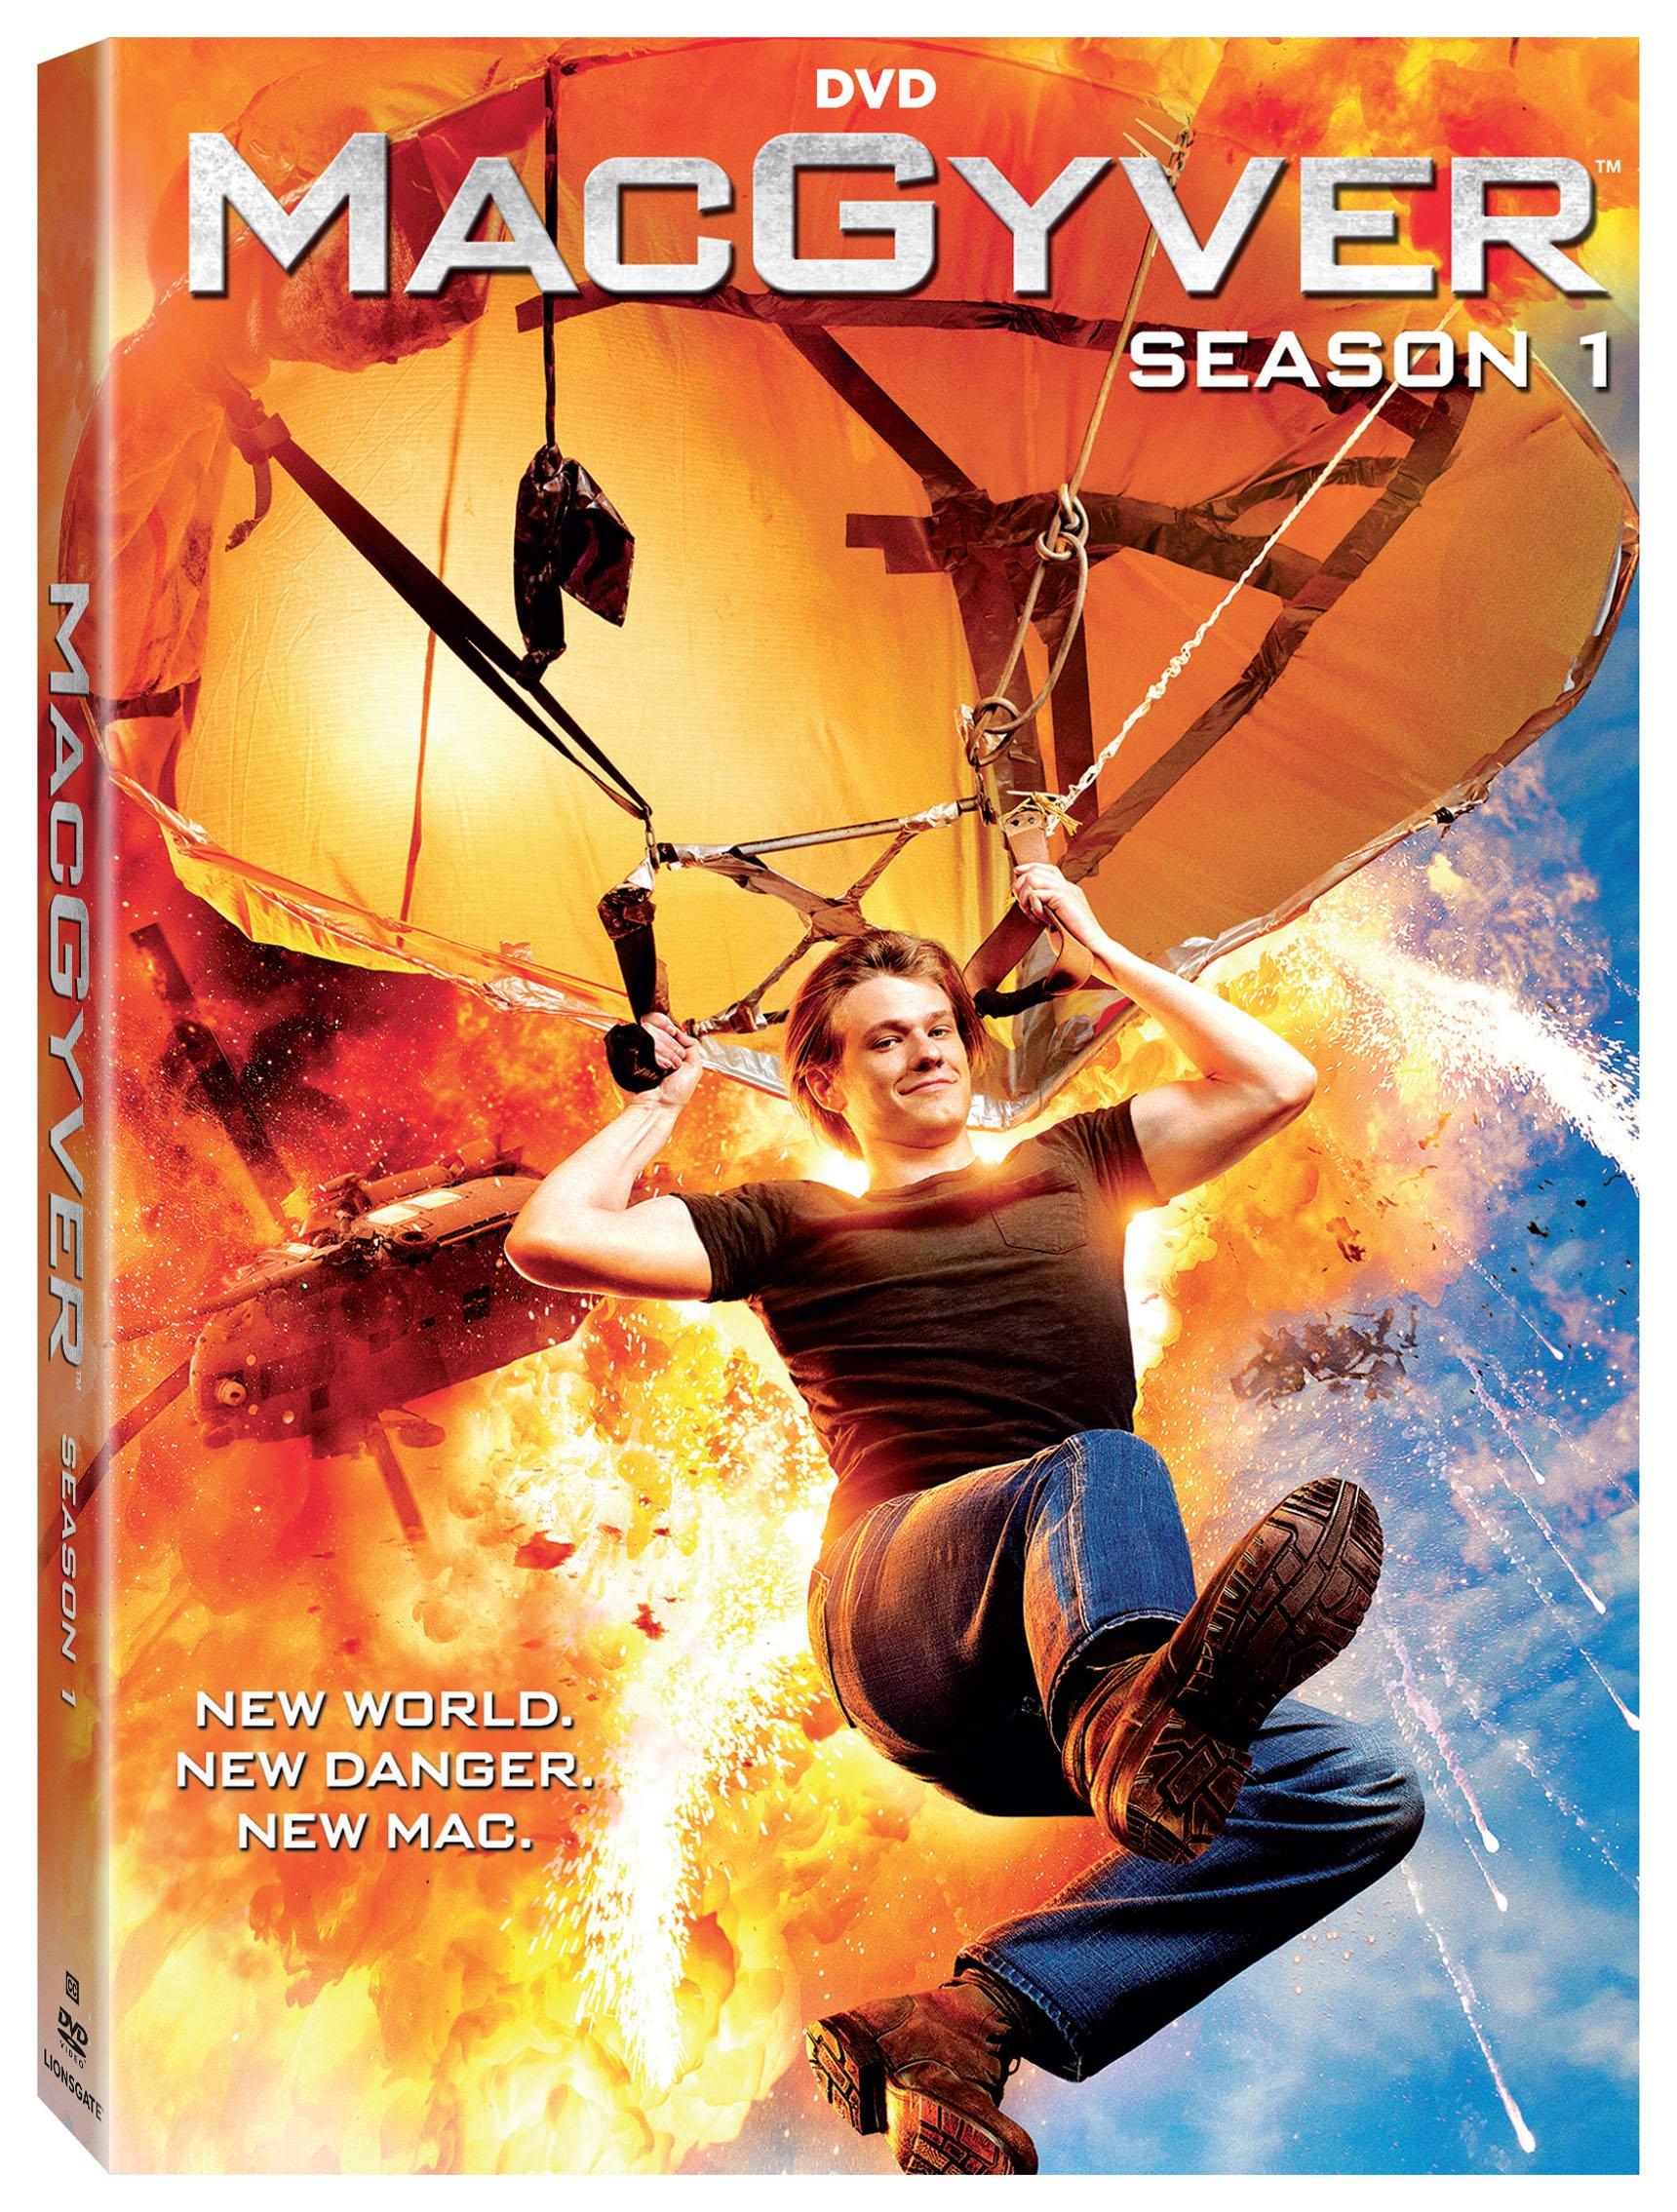 MacGyver - Season 1 [DVD]